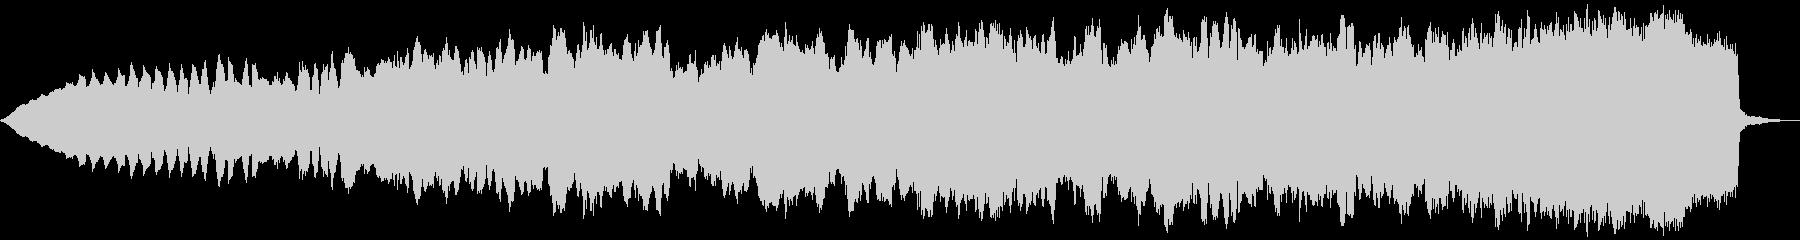 ライブワイヤー:渦巻き模様のエネル...の未再生の波形